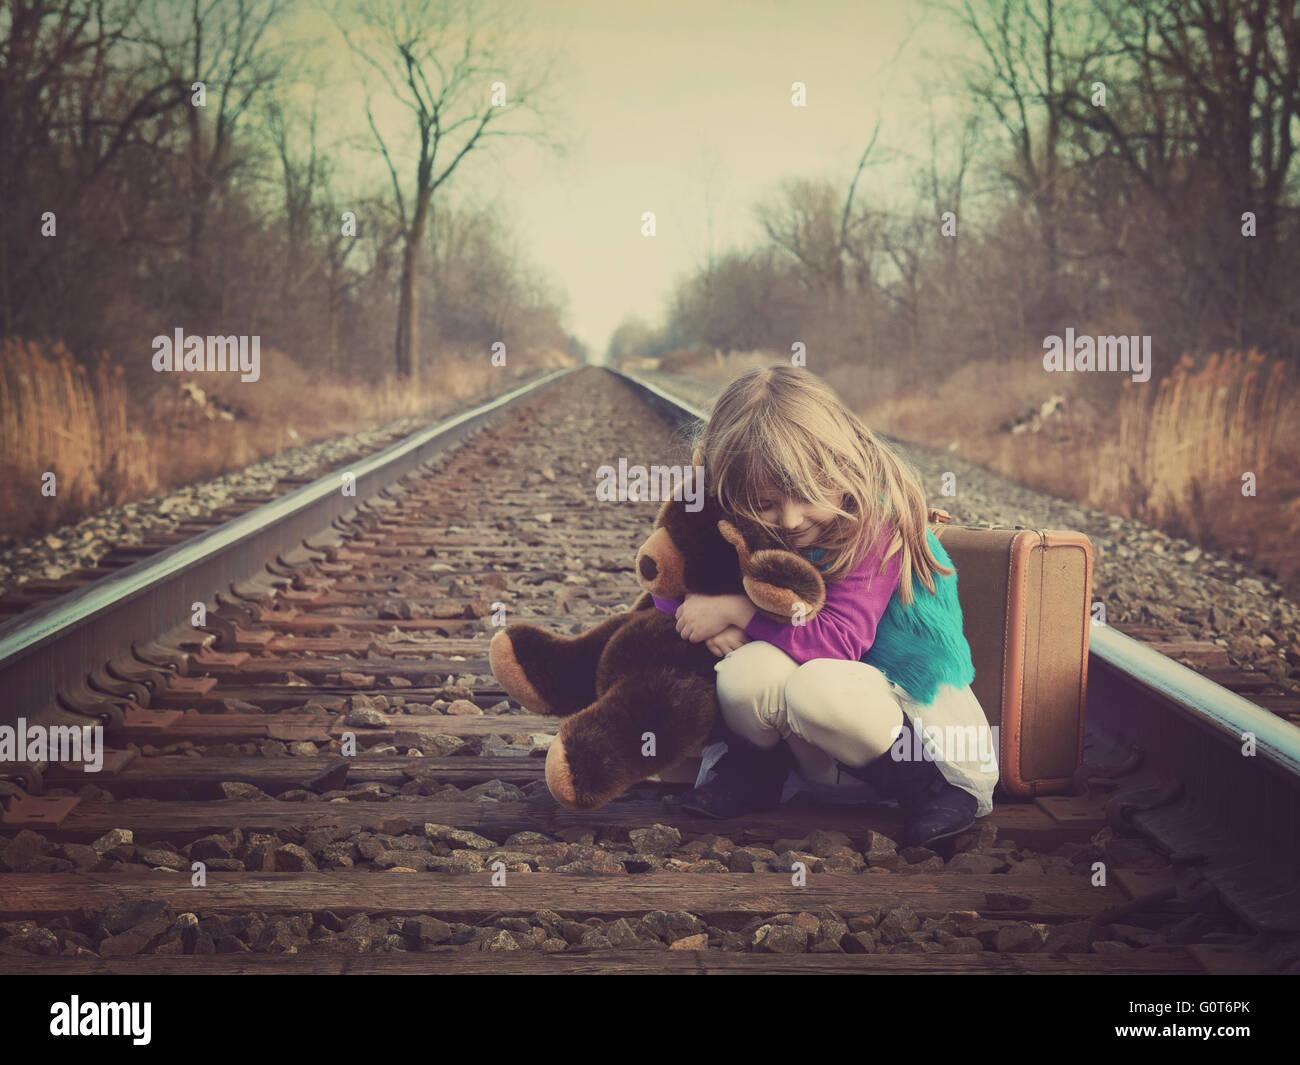 Une petite fille est assise sur une ancienne voie ferrée à l'extérieur et serrant un ours en Photo Stock